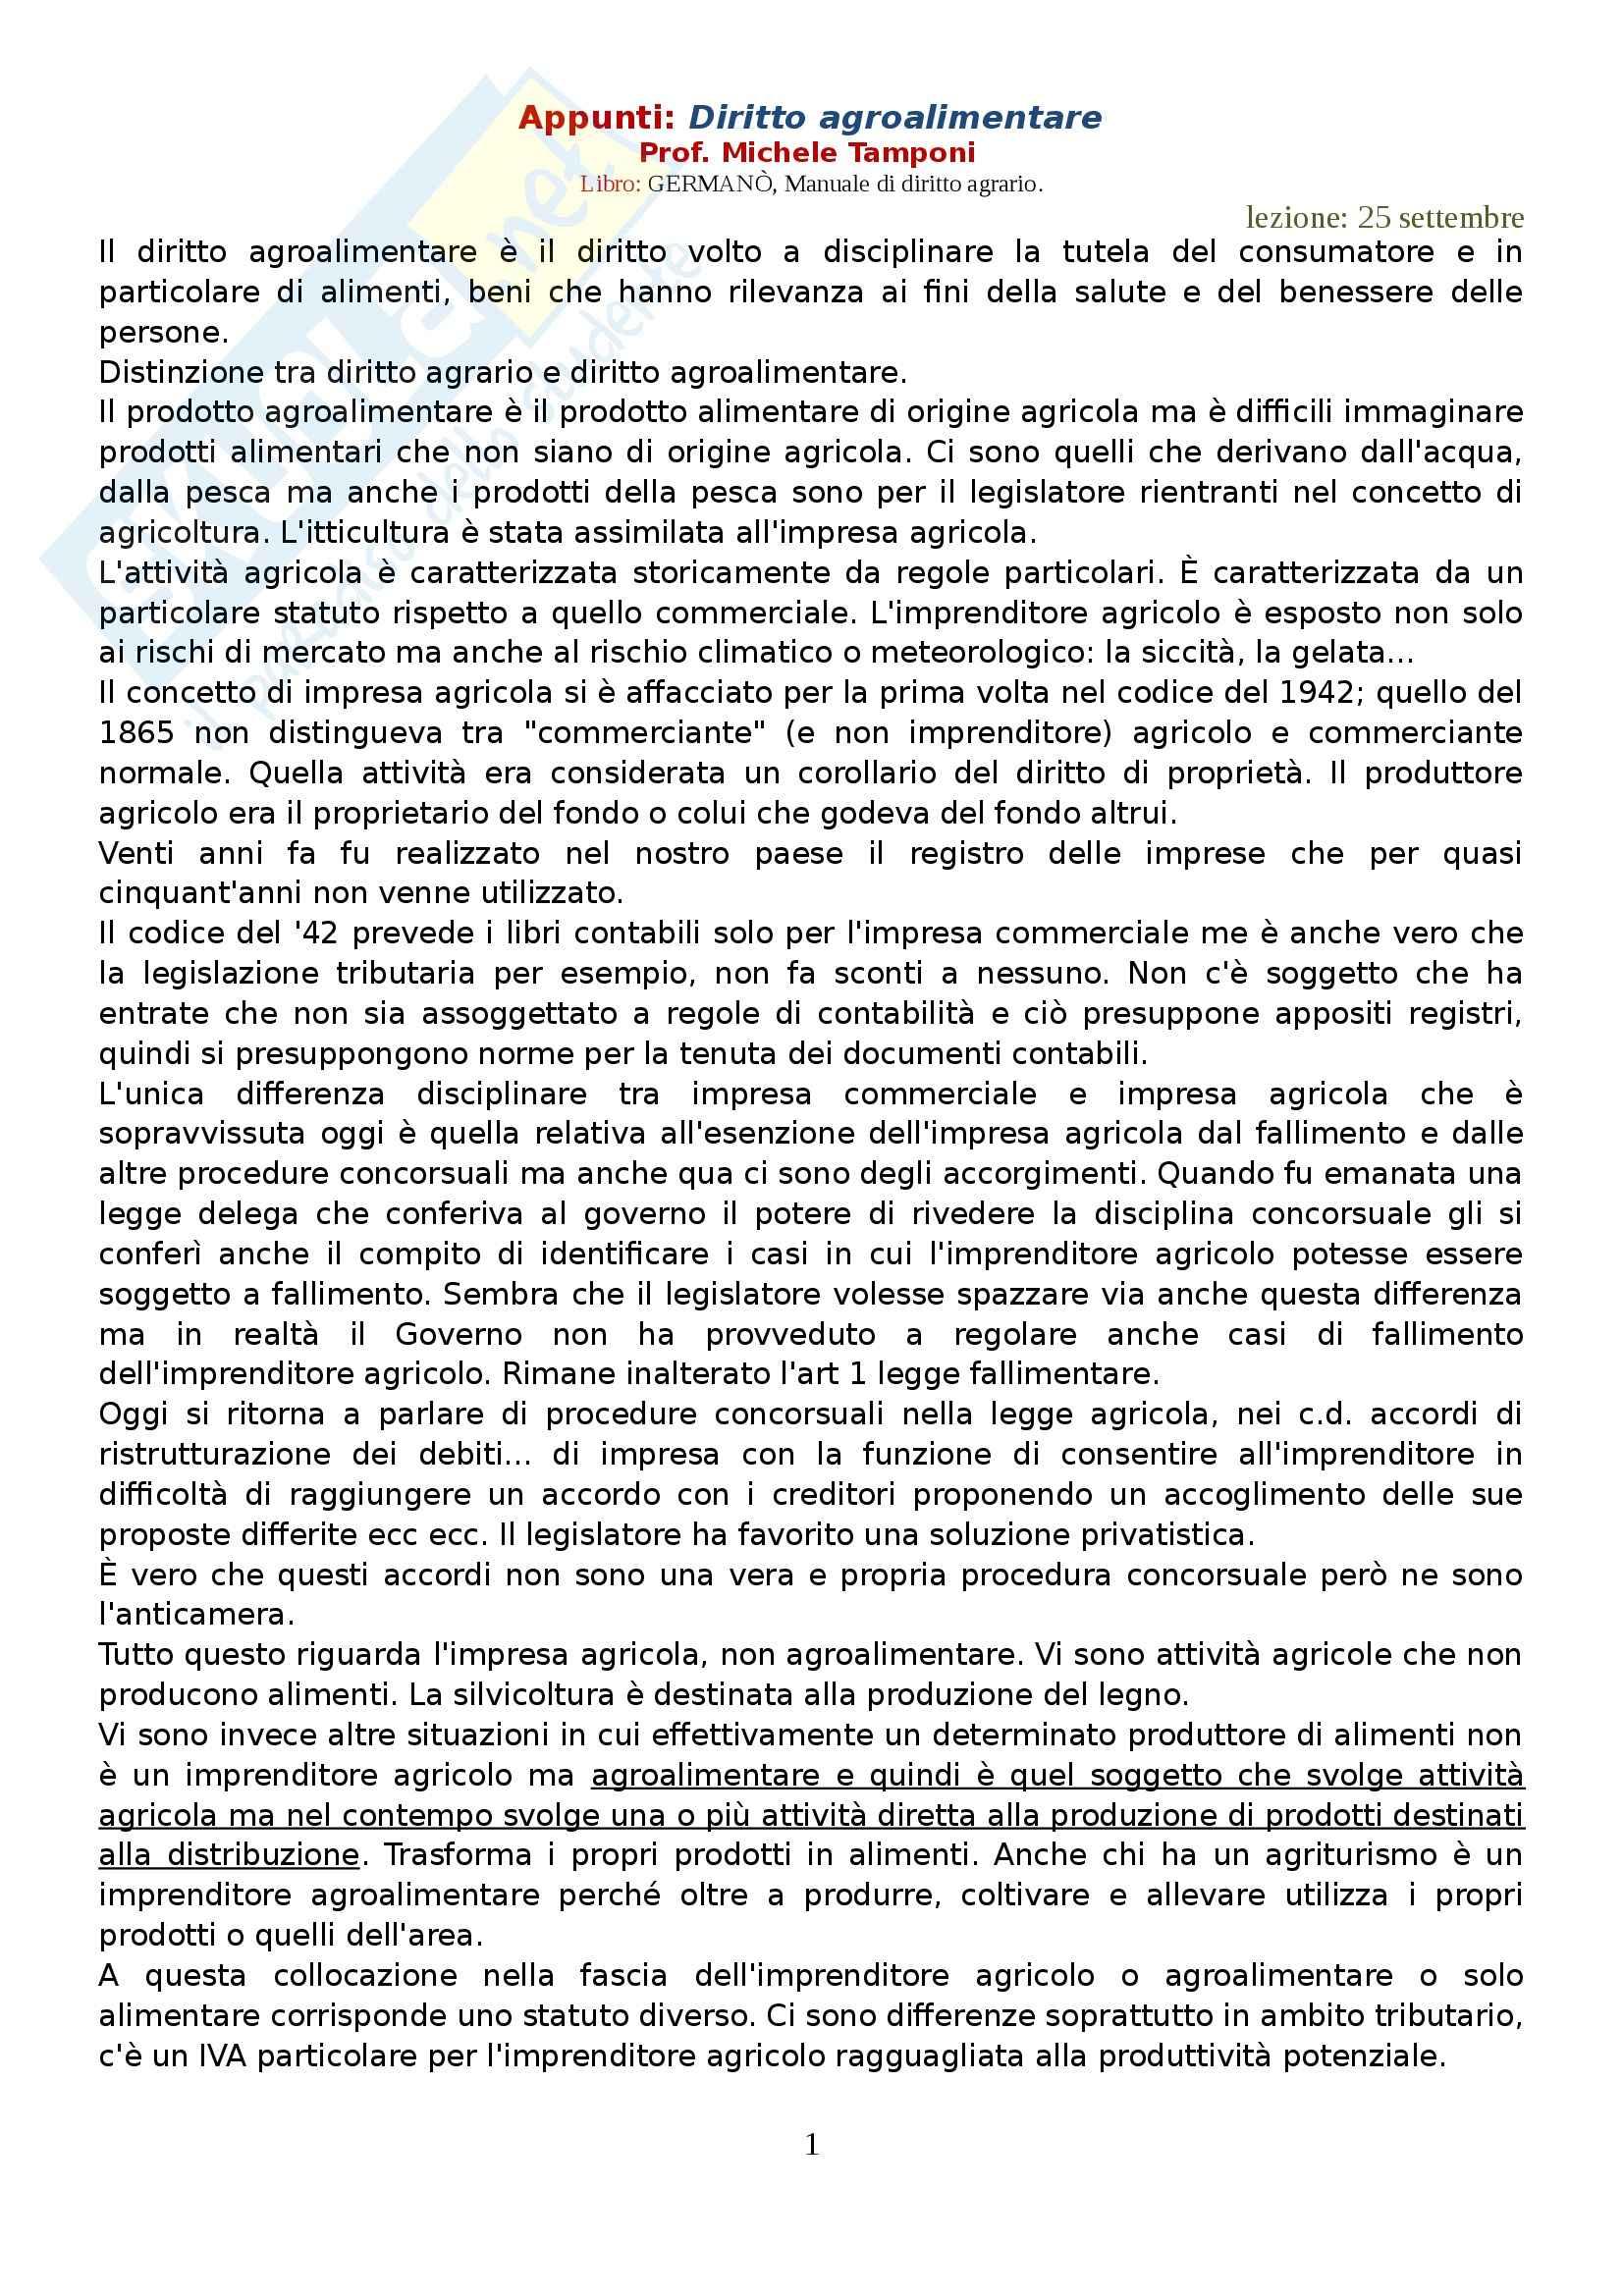 Diritto agroalimentare - Appunti